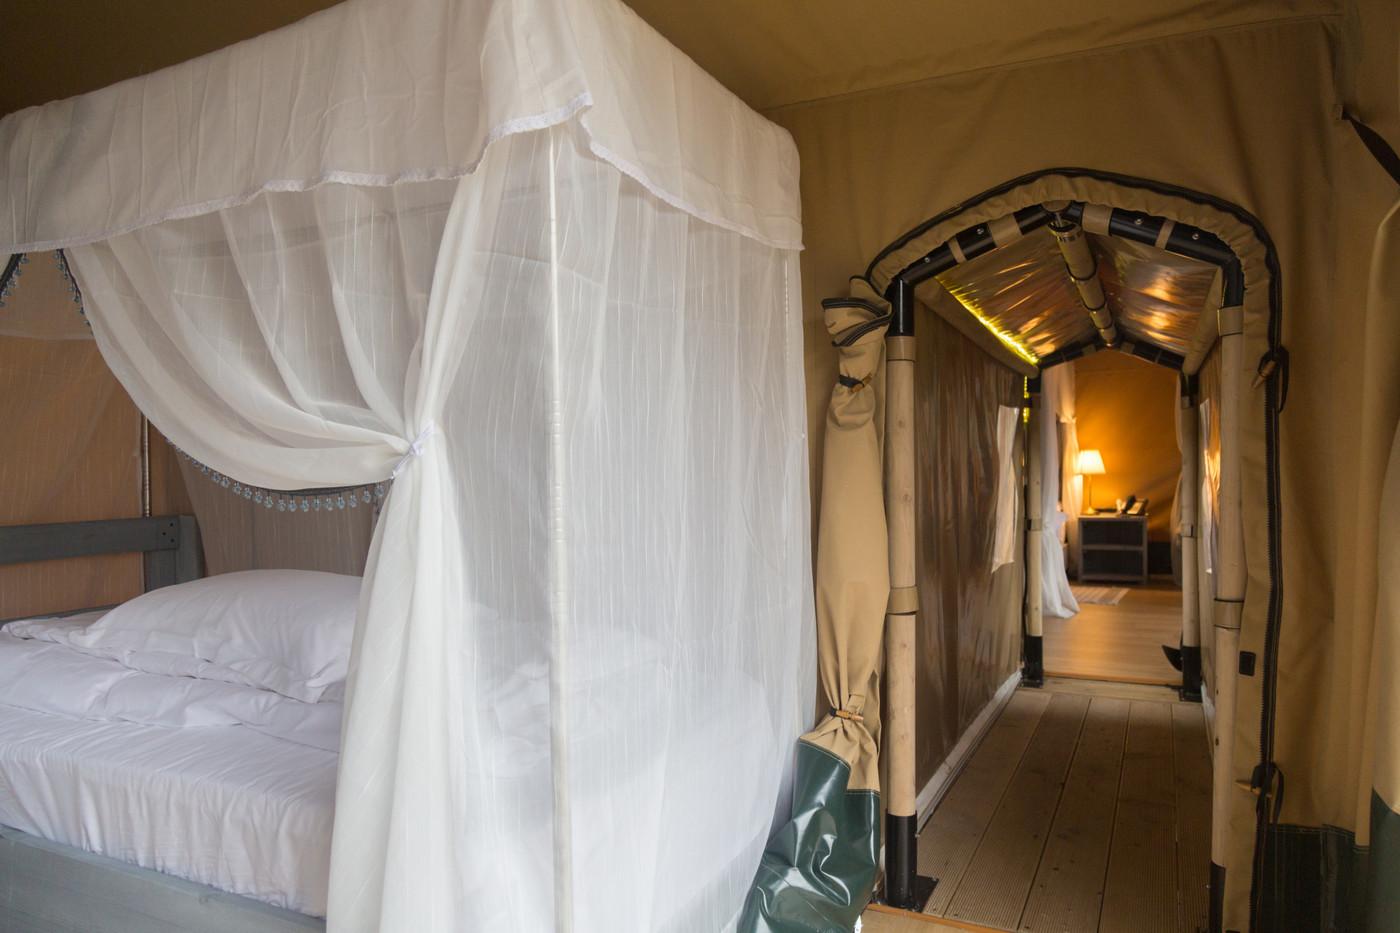 喜马拉雅嘉境林邸子母房奢华帐篷酒店生产厂家,为全球30多个国家提供营地帐篷酒店规划设计制造服务!以下为奢华帐篷酒店图片和视频介绍!30